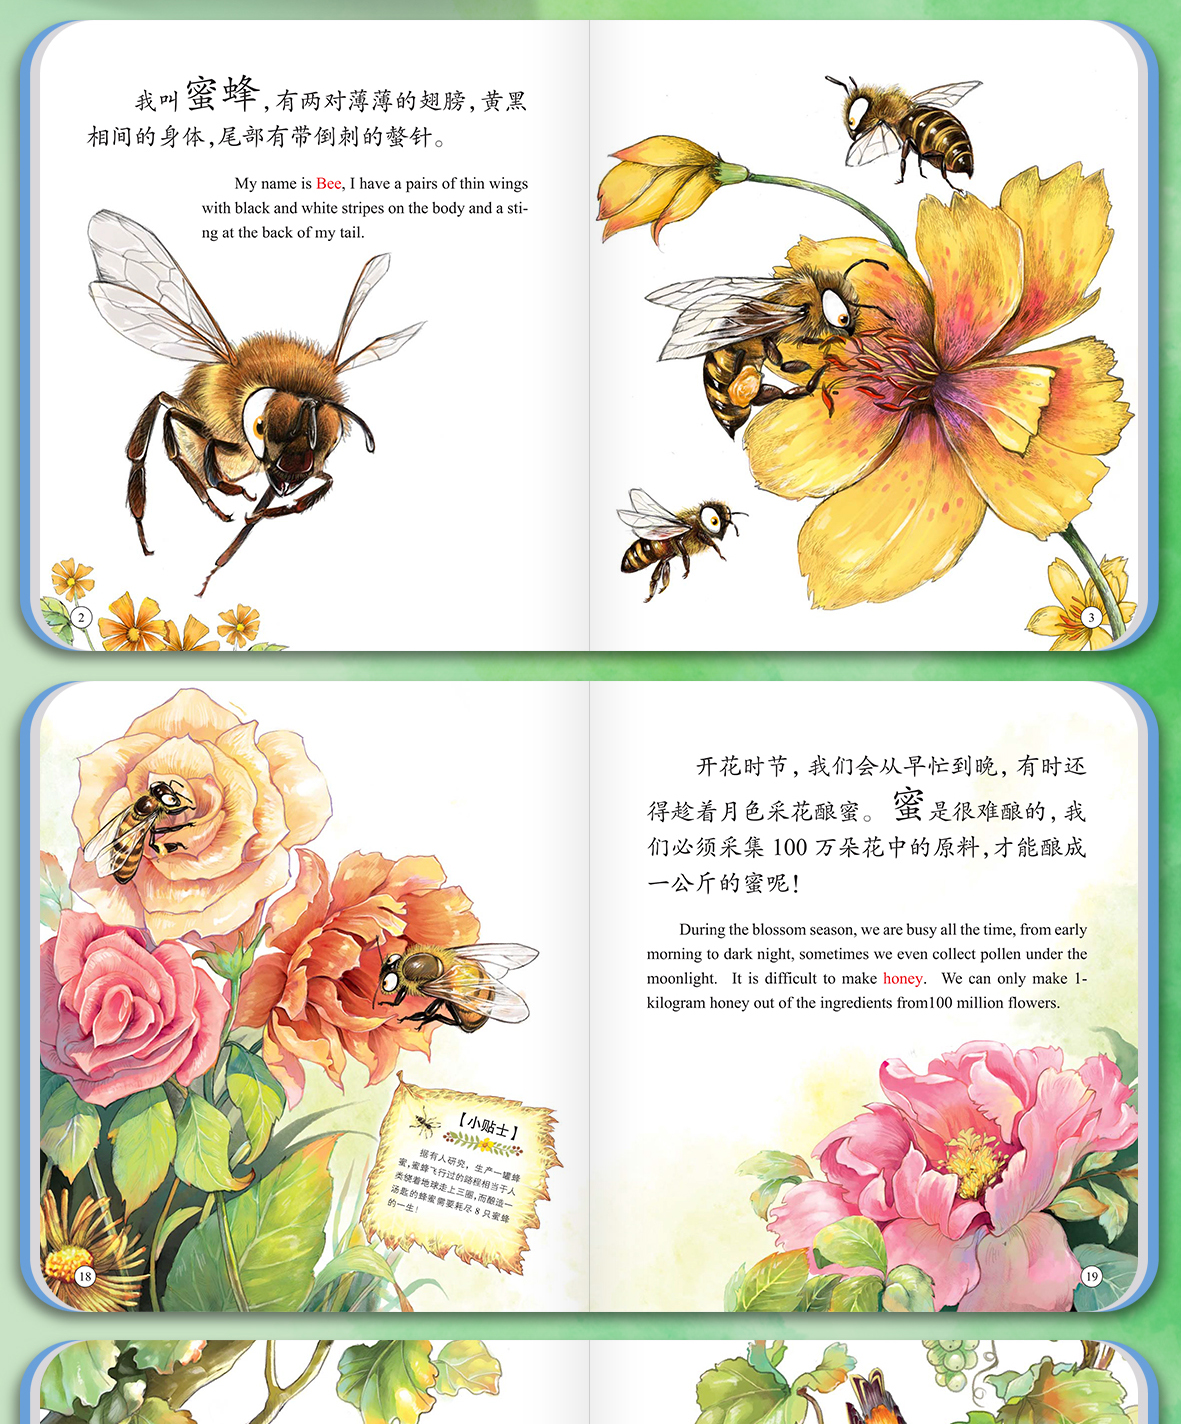 昆虫详情_08.jpg